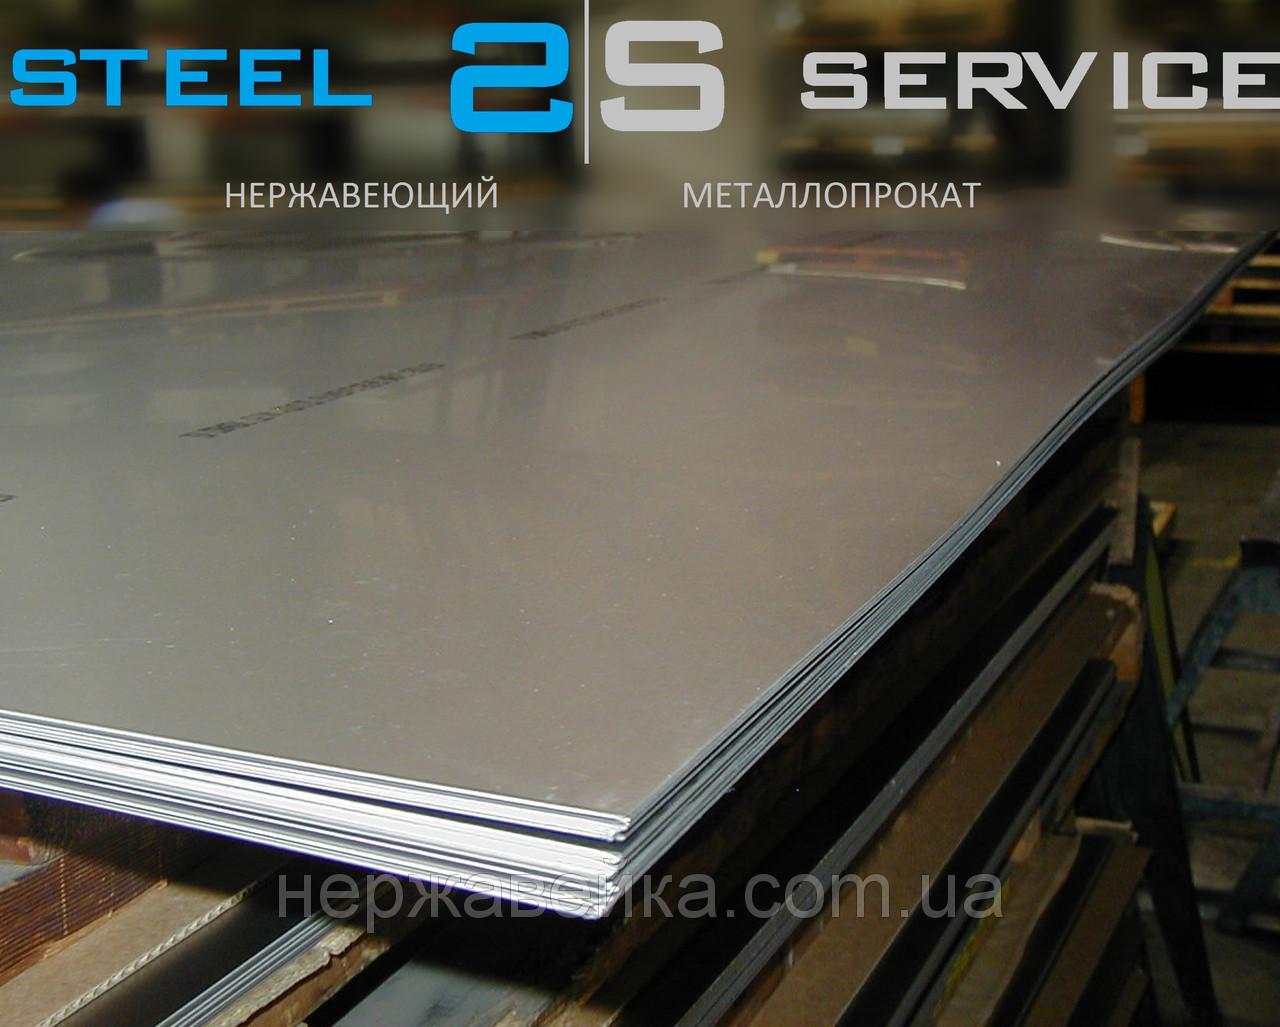 Листовая нержавейка  1,5х1250х2500мм AISI 430(12Х17) 2B DECO, декоративный в пленке, кожа